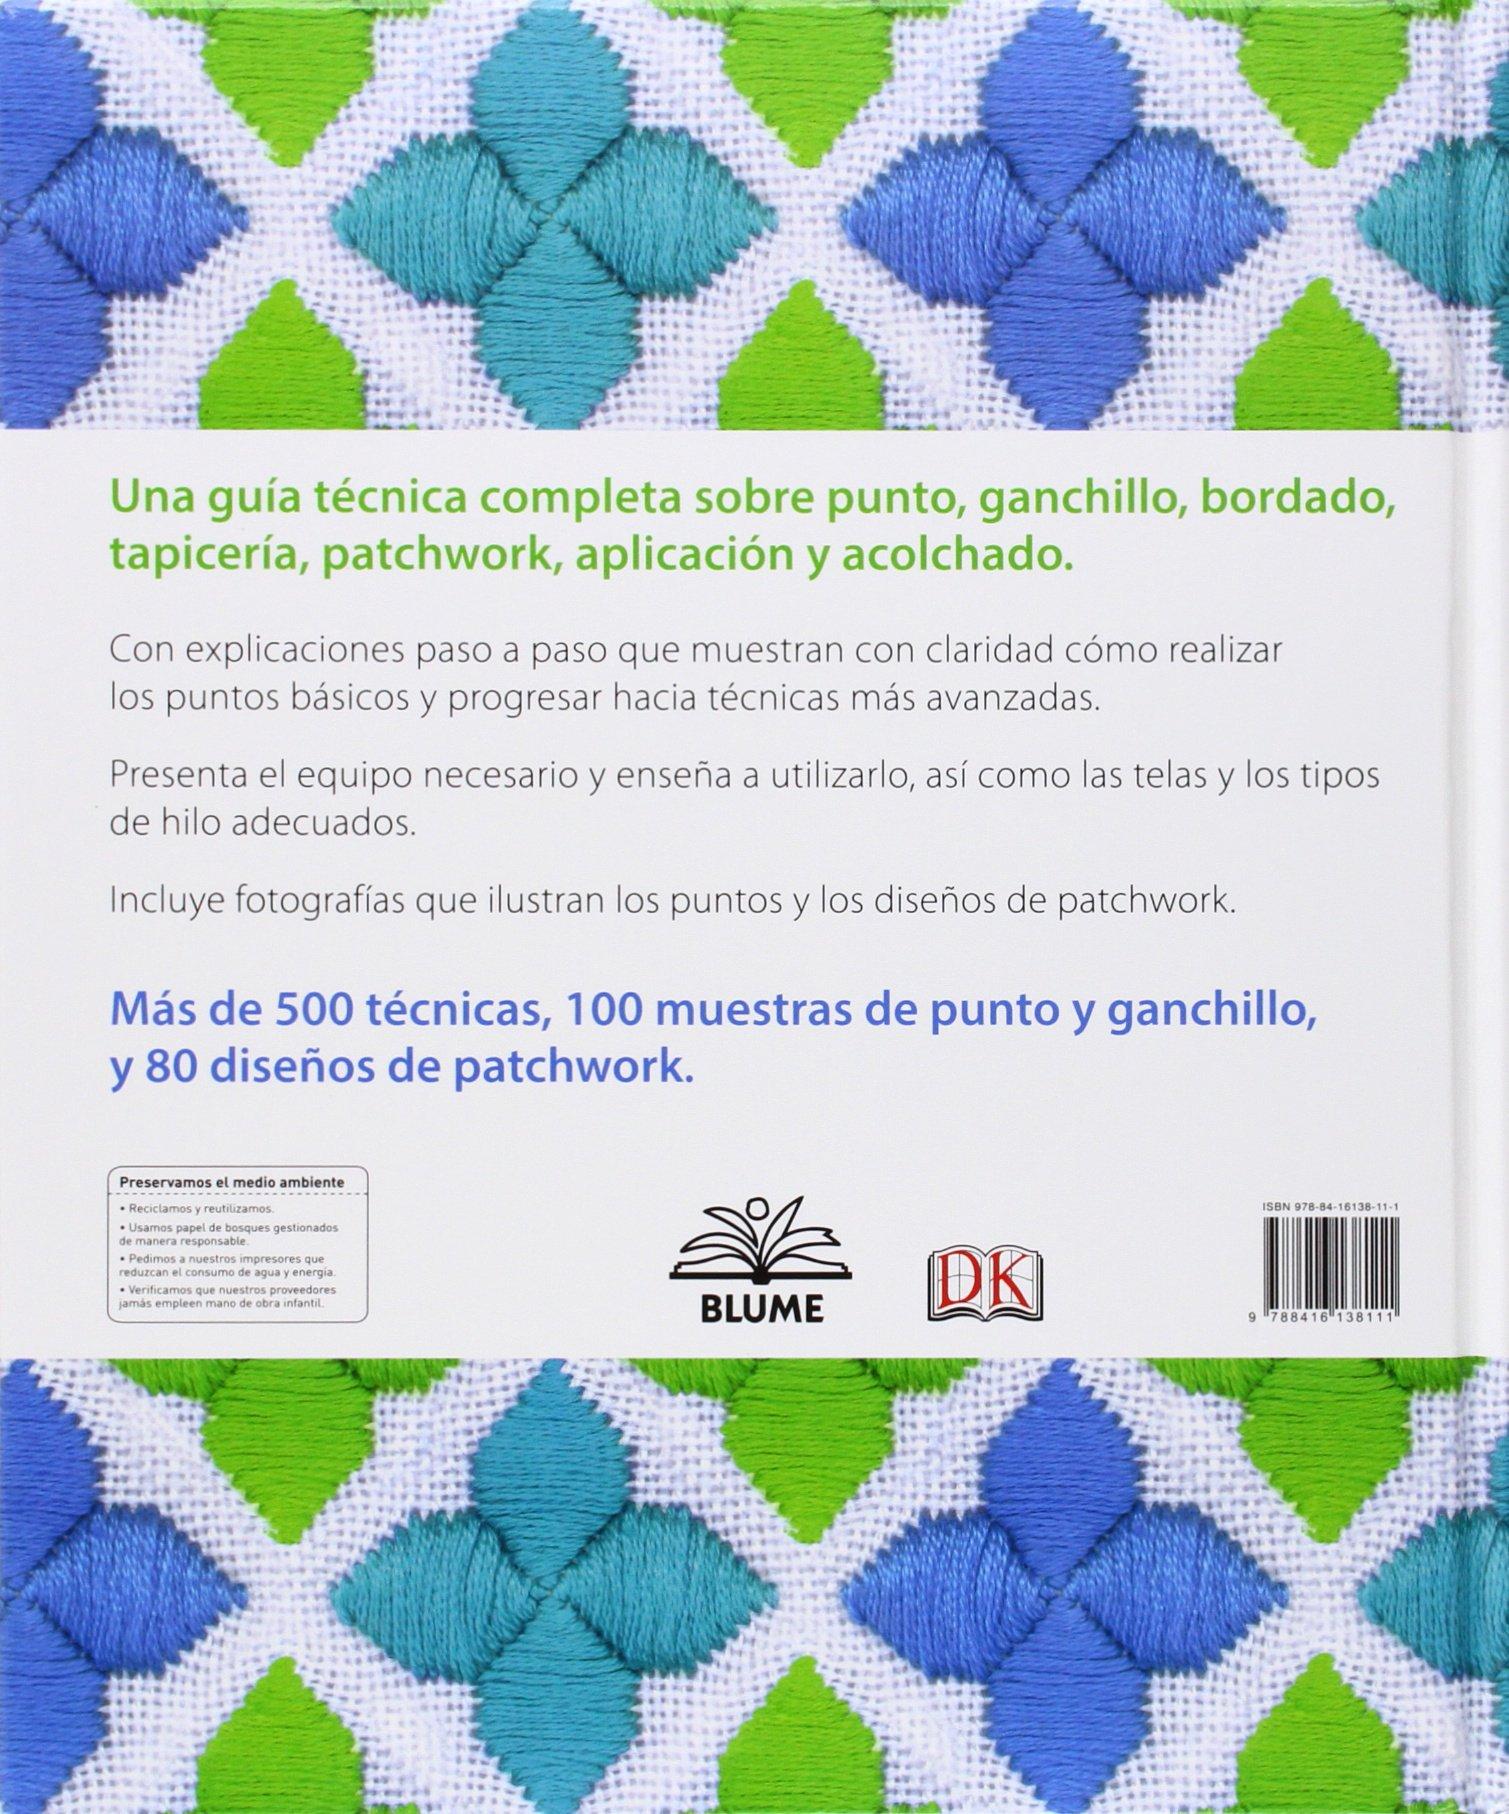 Labores: Amazon.es: vvaa: Libros